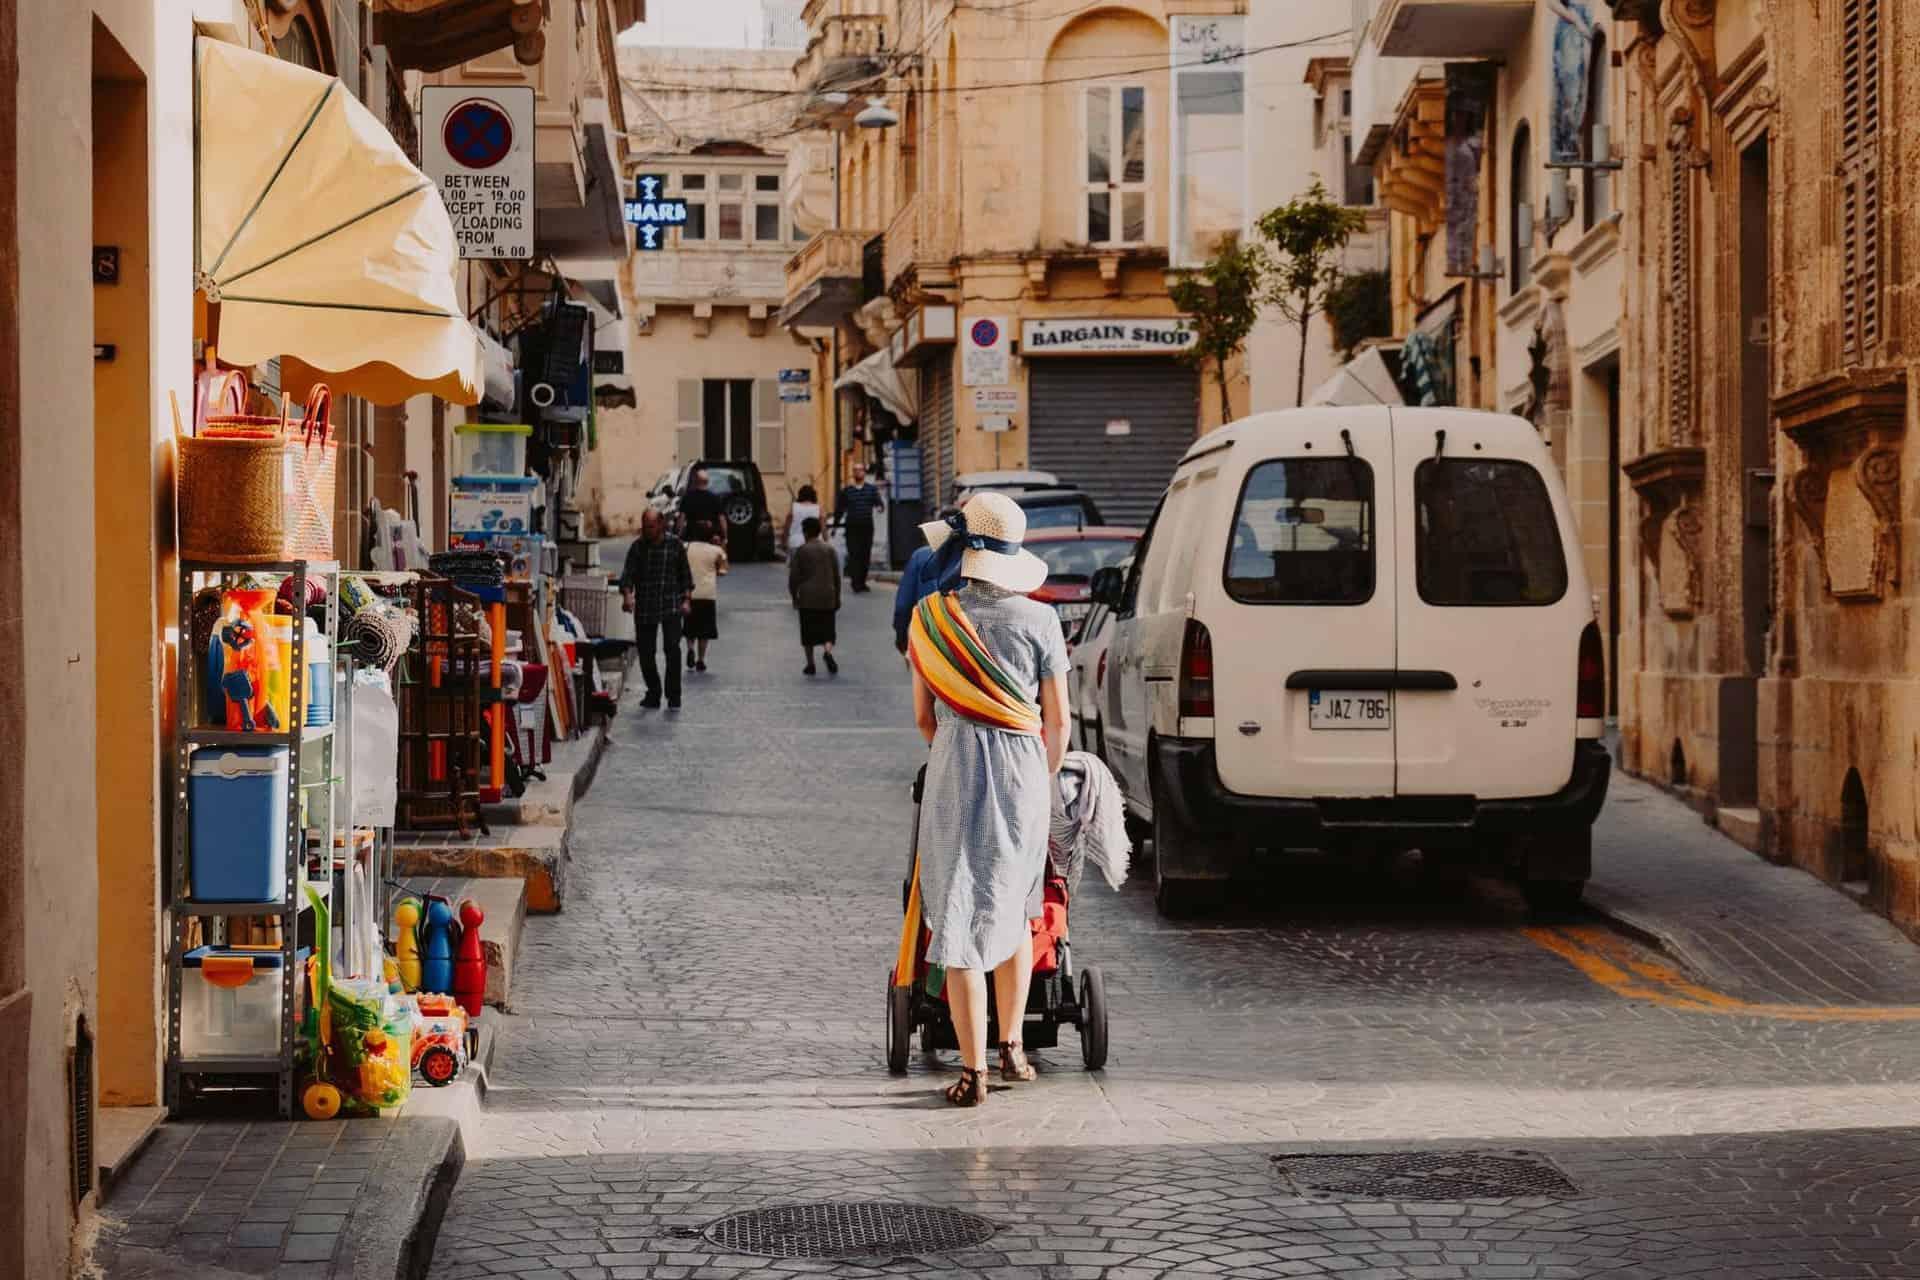 People Malta